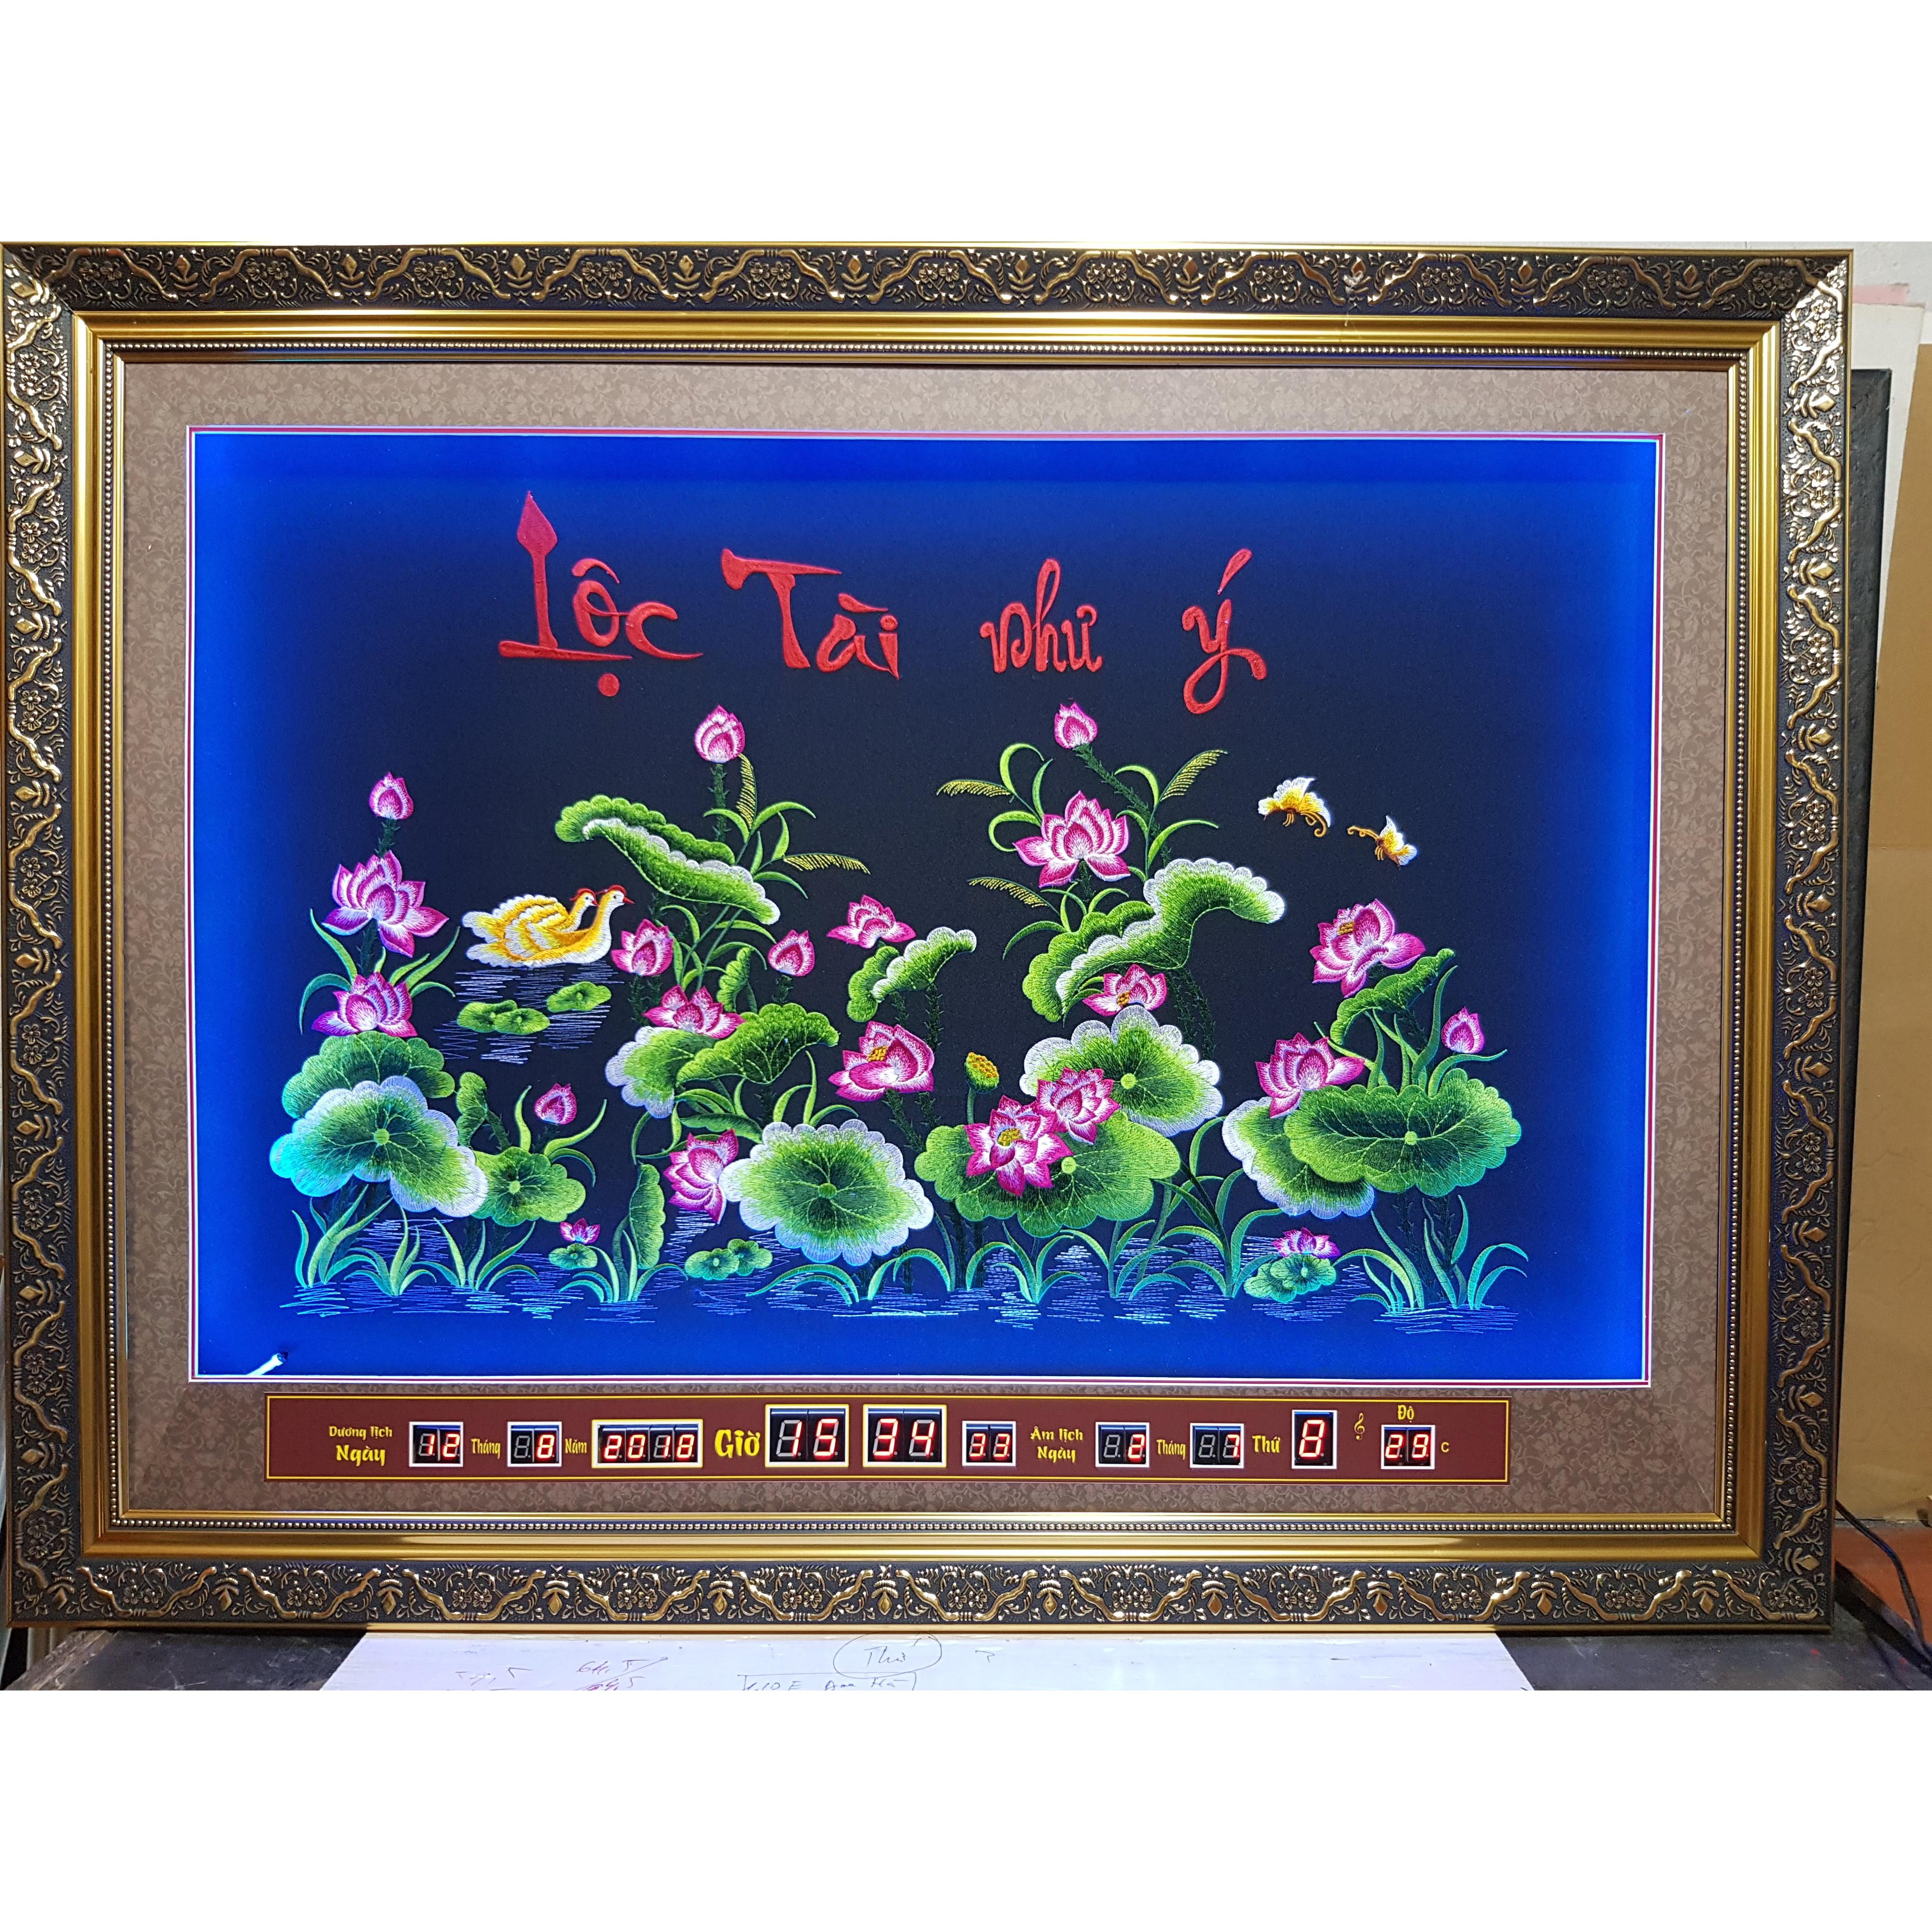 Tranh thêu lịch vạn niên gắn đèn led đổi màu. Hoa Sen -2078